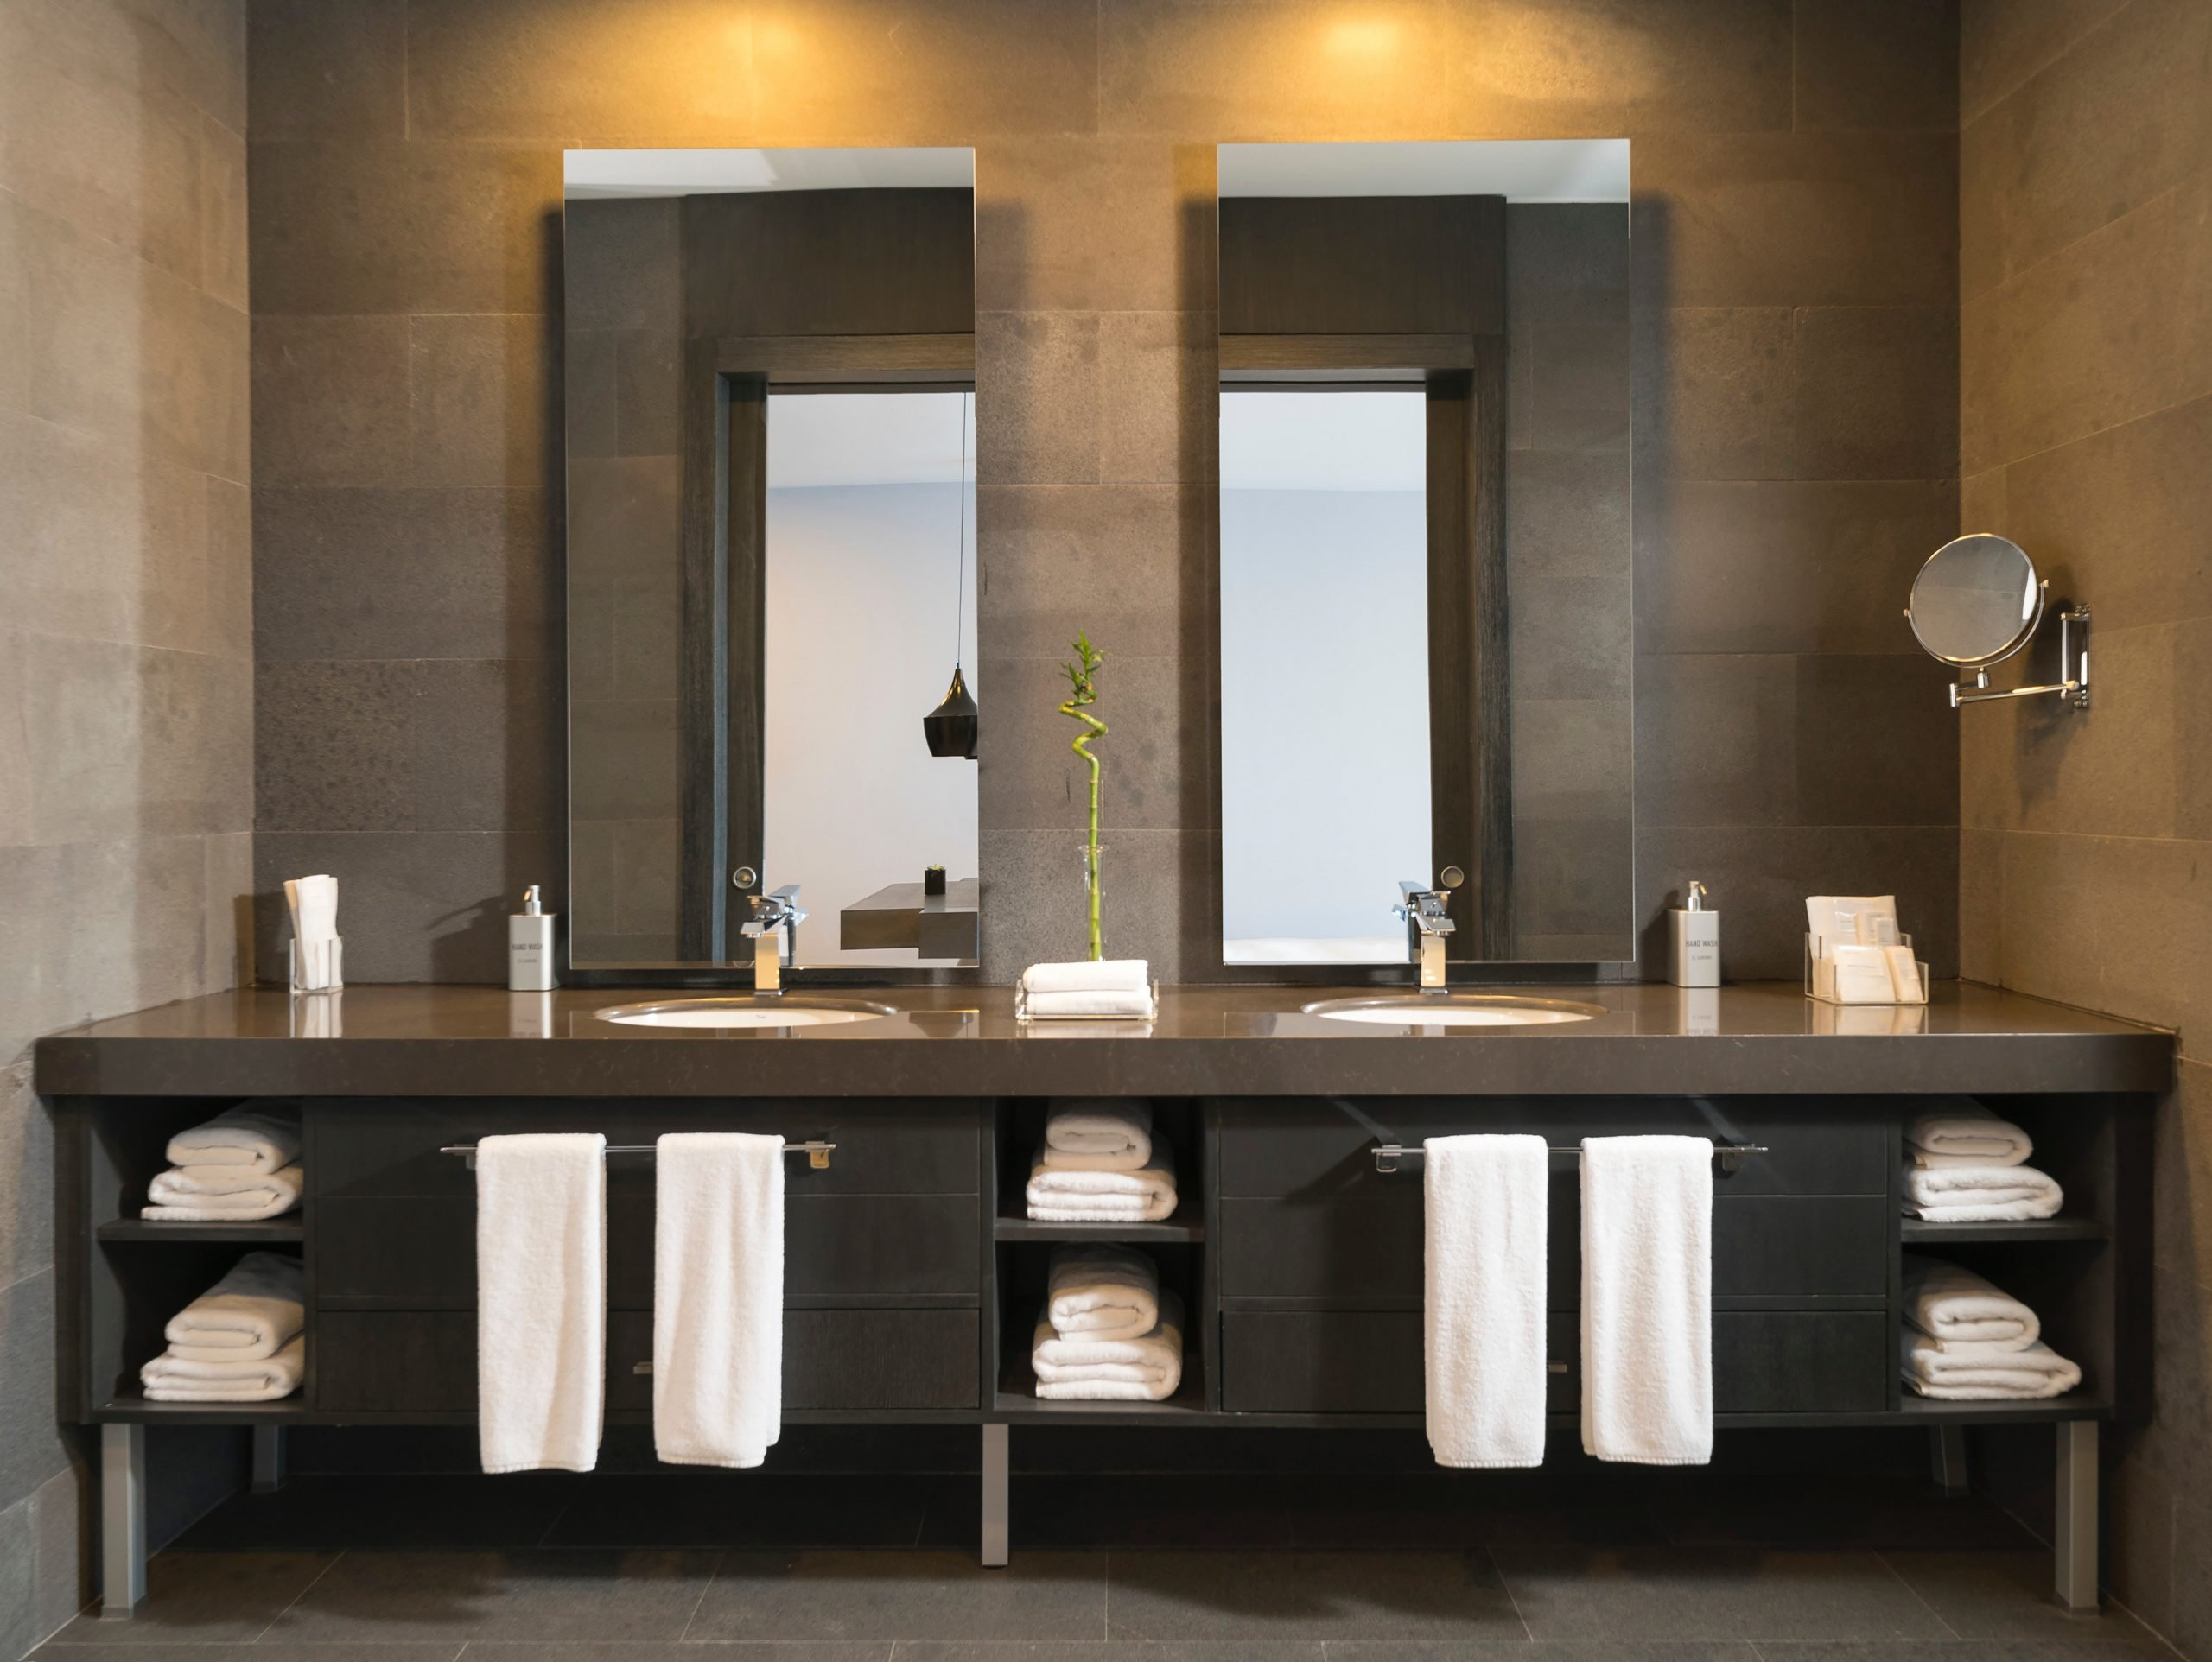 Bathroom Tiles Dark